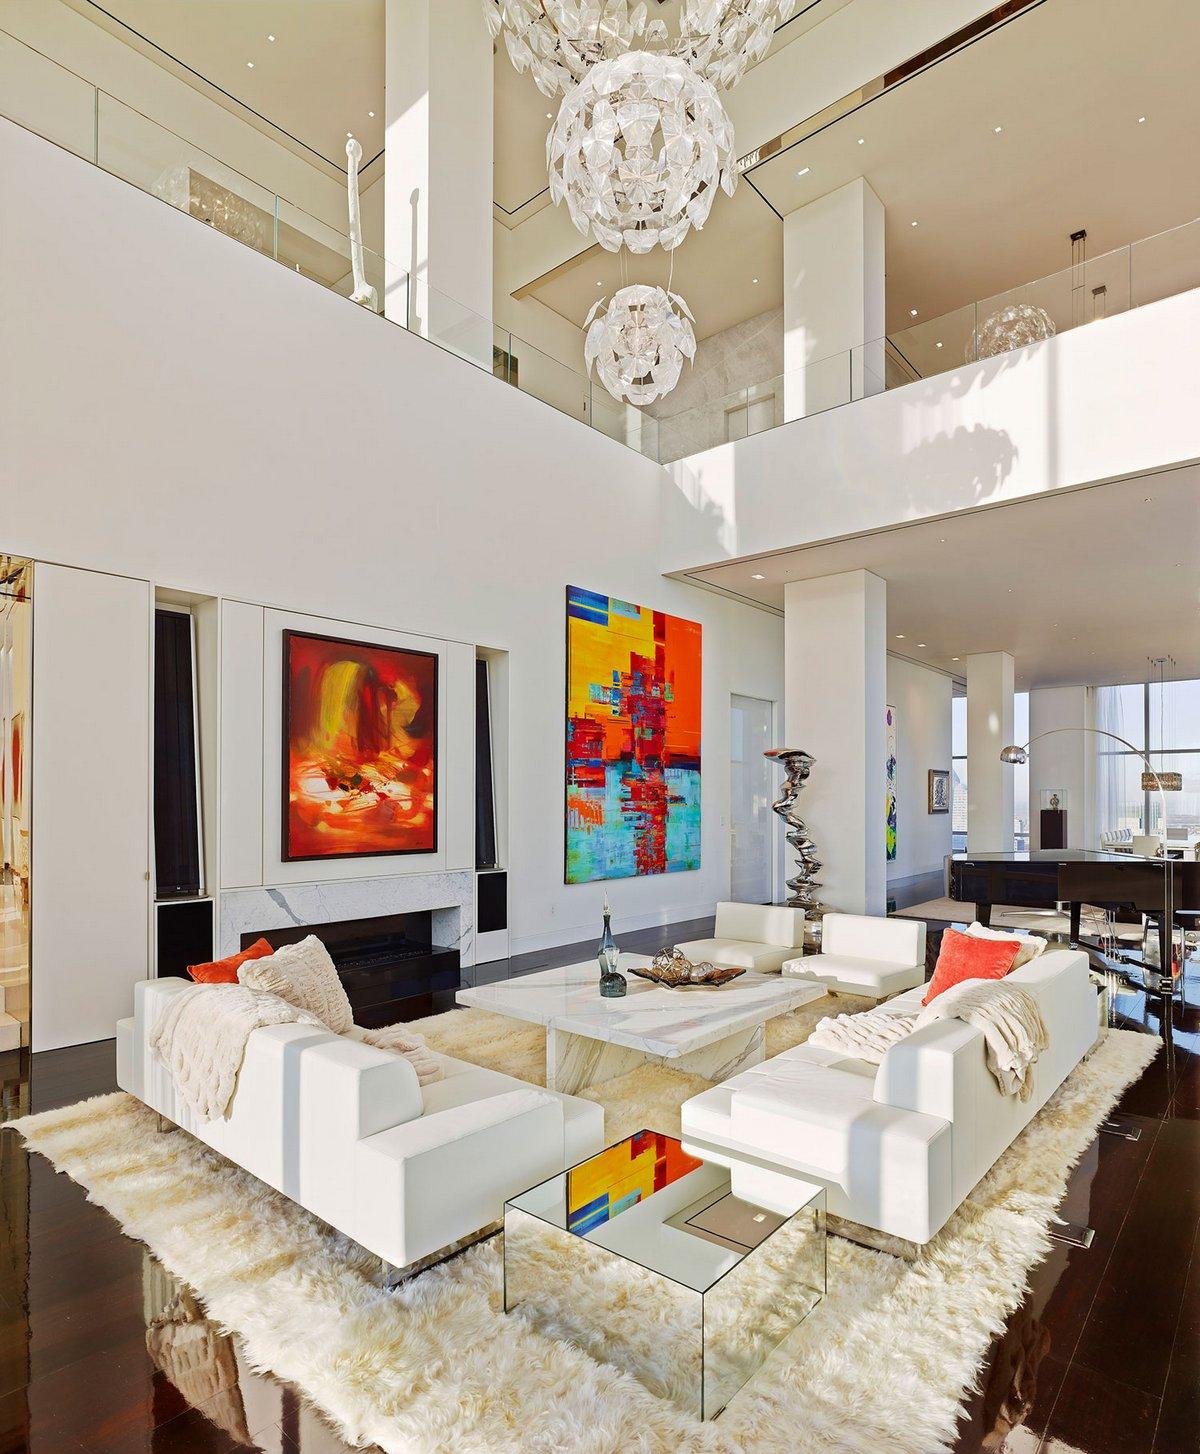 Private Residence I, Oda New York, самая большая квартира в мире, огромная квартира фото, квартира с видом на Нью-Йорк, квартиры в Нью-Йорке фото